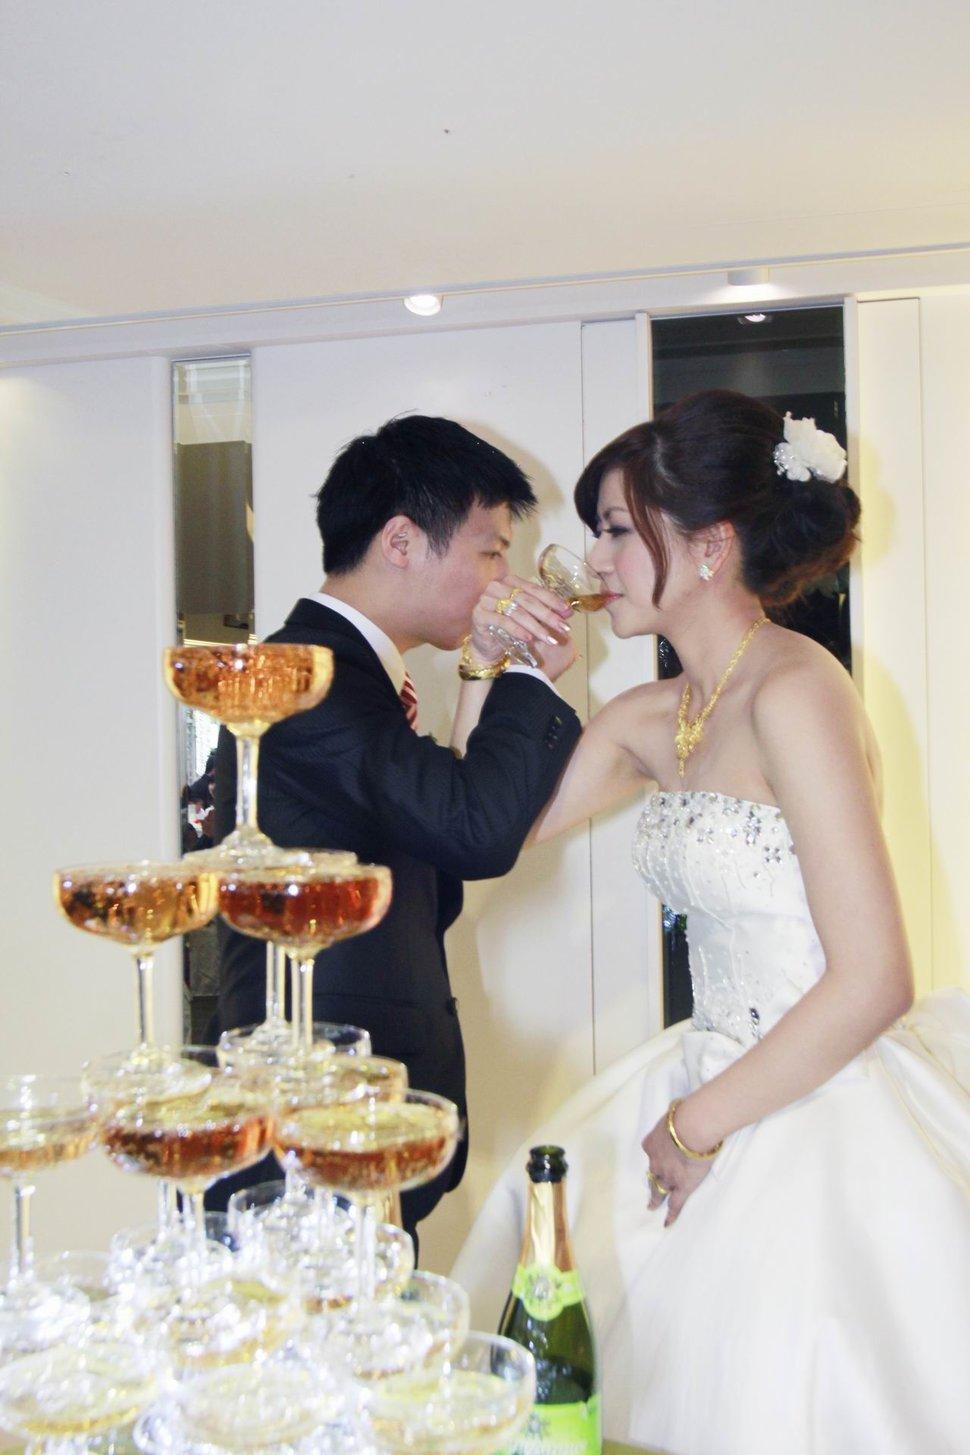 青青食尚花園會館婚禮記錄結婚迎娶婚禮記錄動態微電影錄影專業錄影平面攝影婚紗攝攝影婚禮主持人(編號:196770) - 蜜月拍照10800錄影12800攝影團隊 - 結婚吧